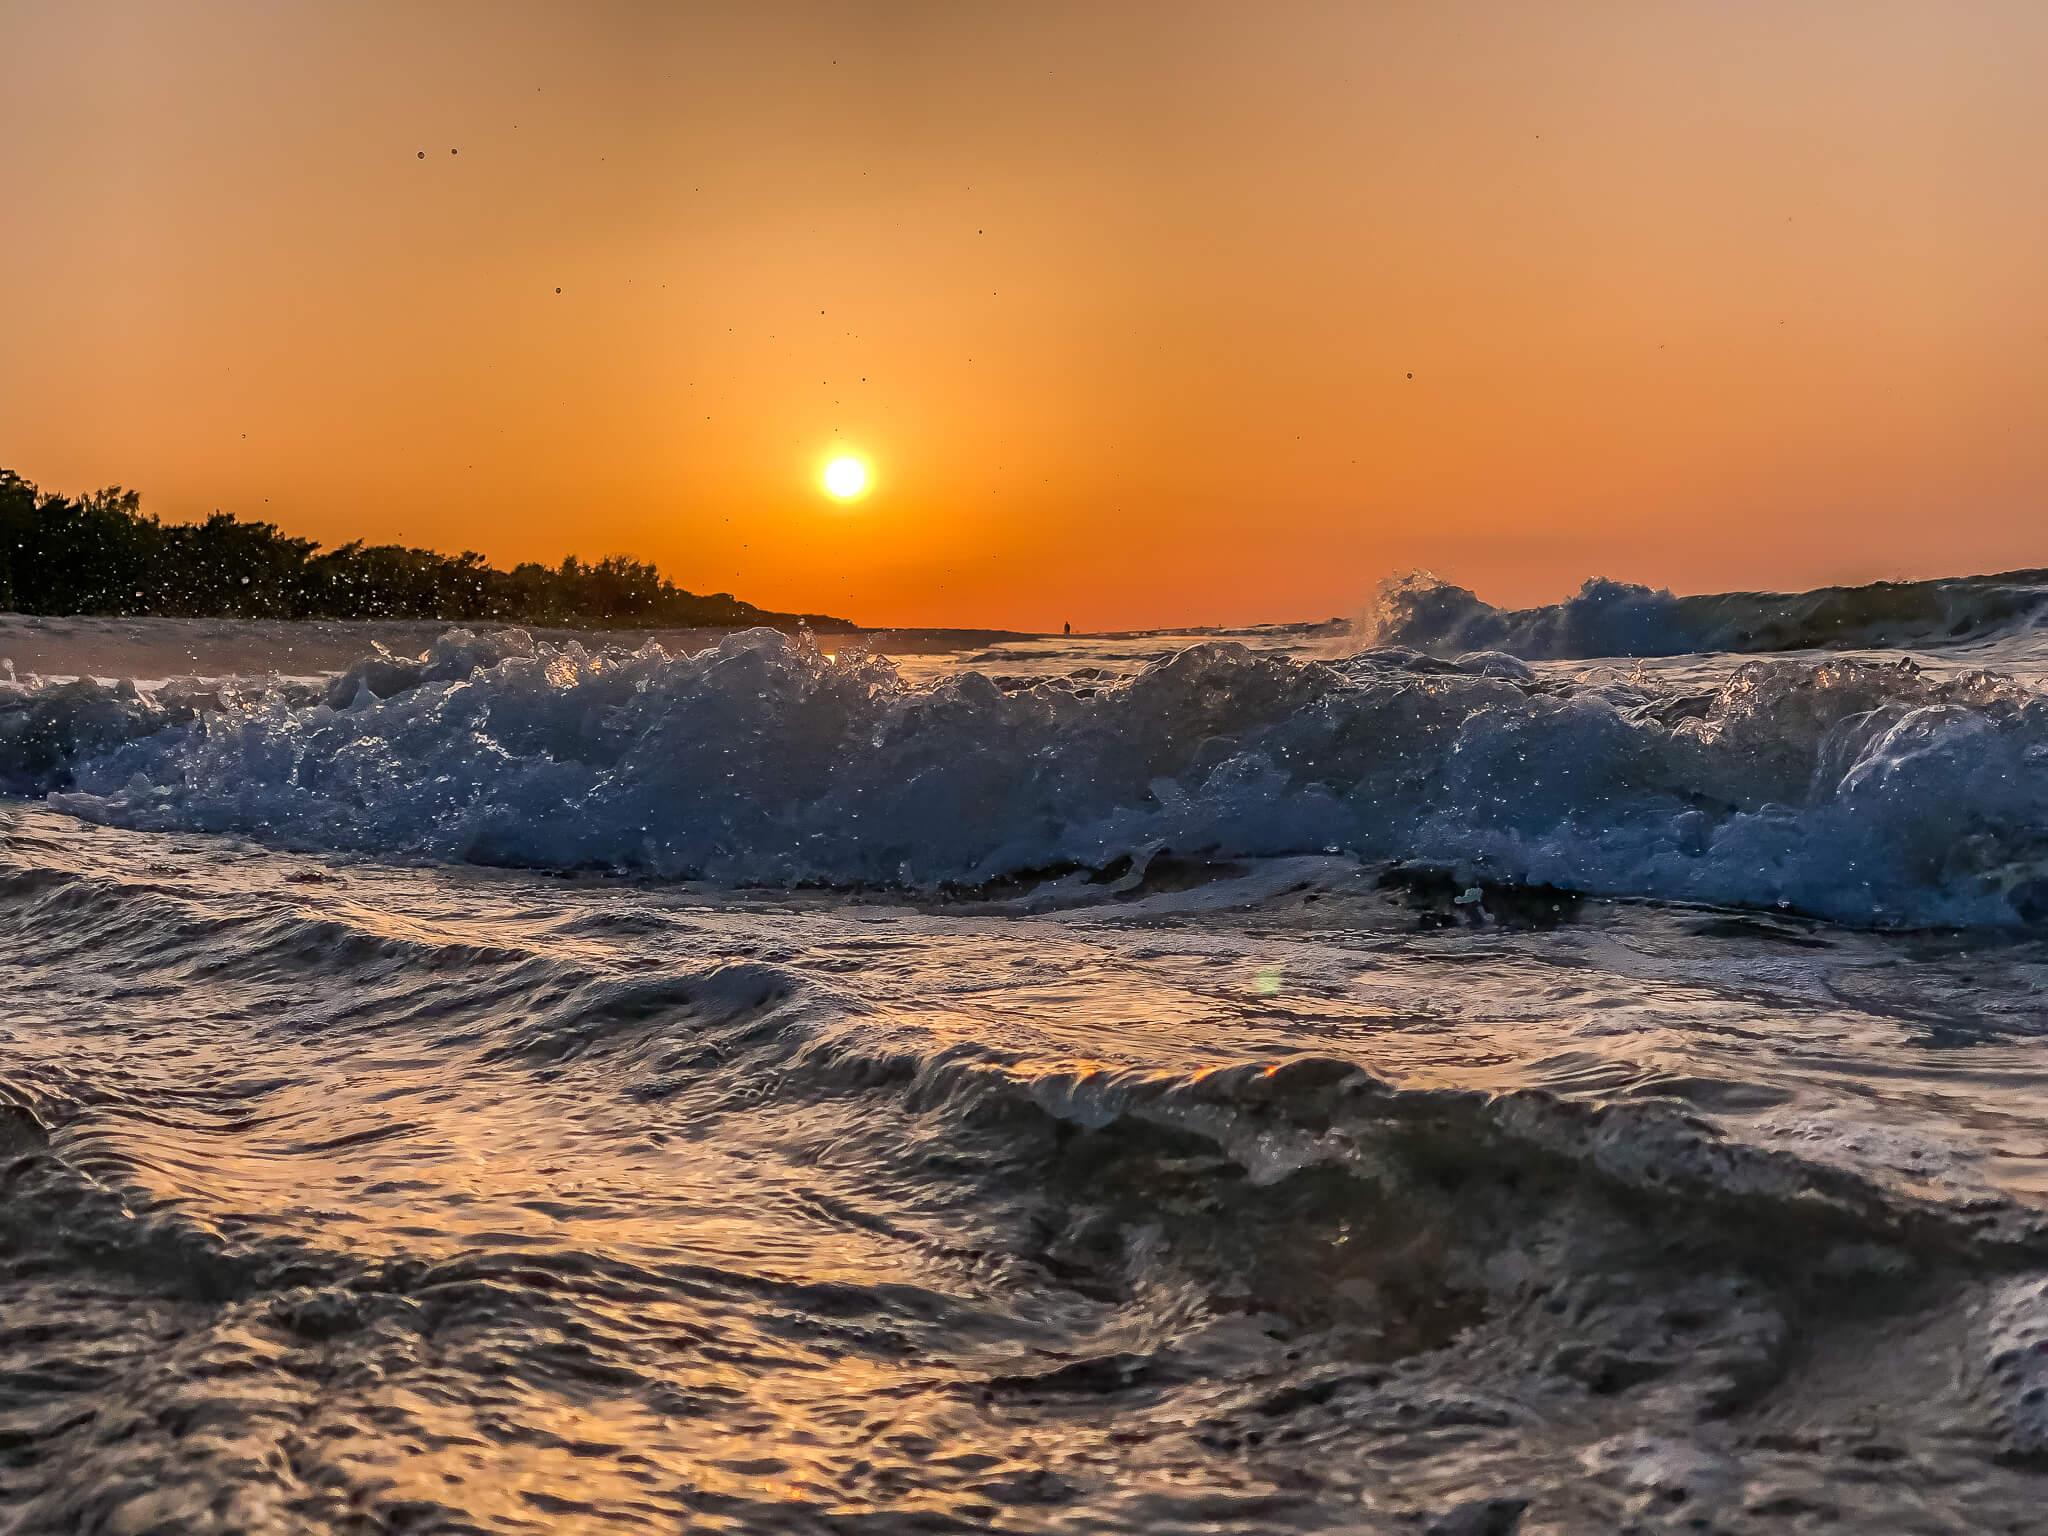 zachód słońca Jurata golden hour